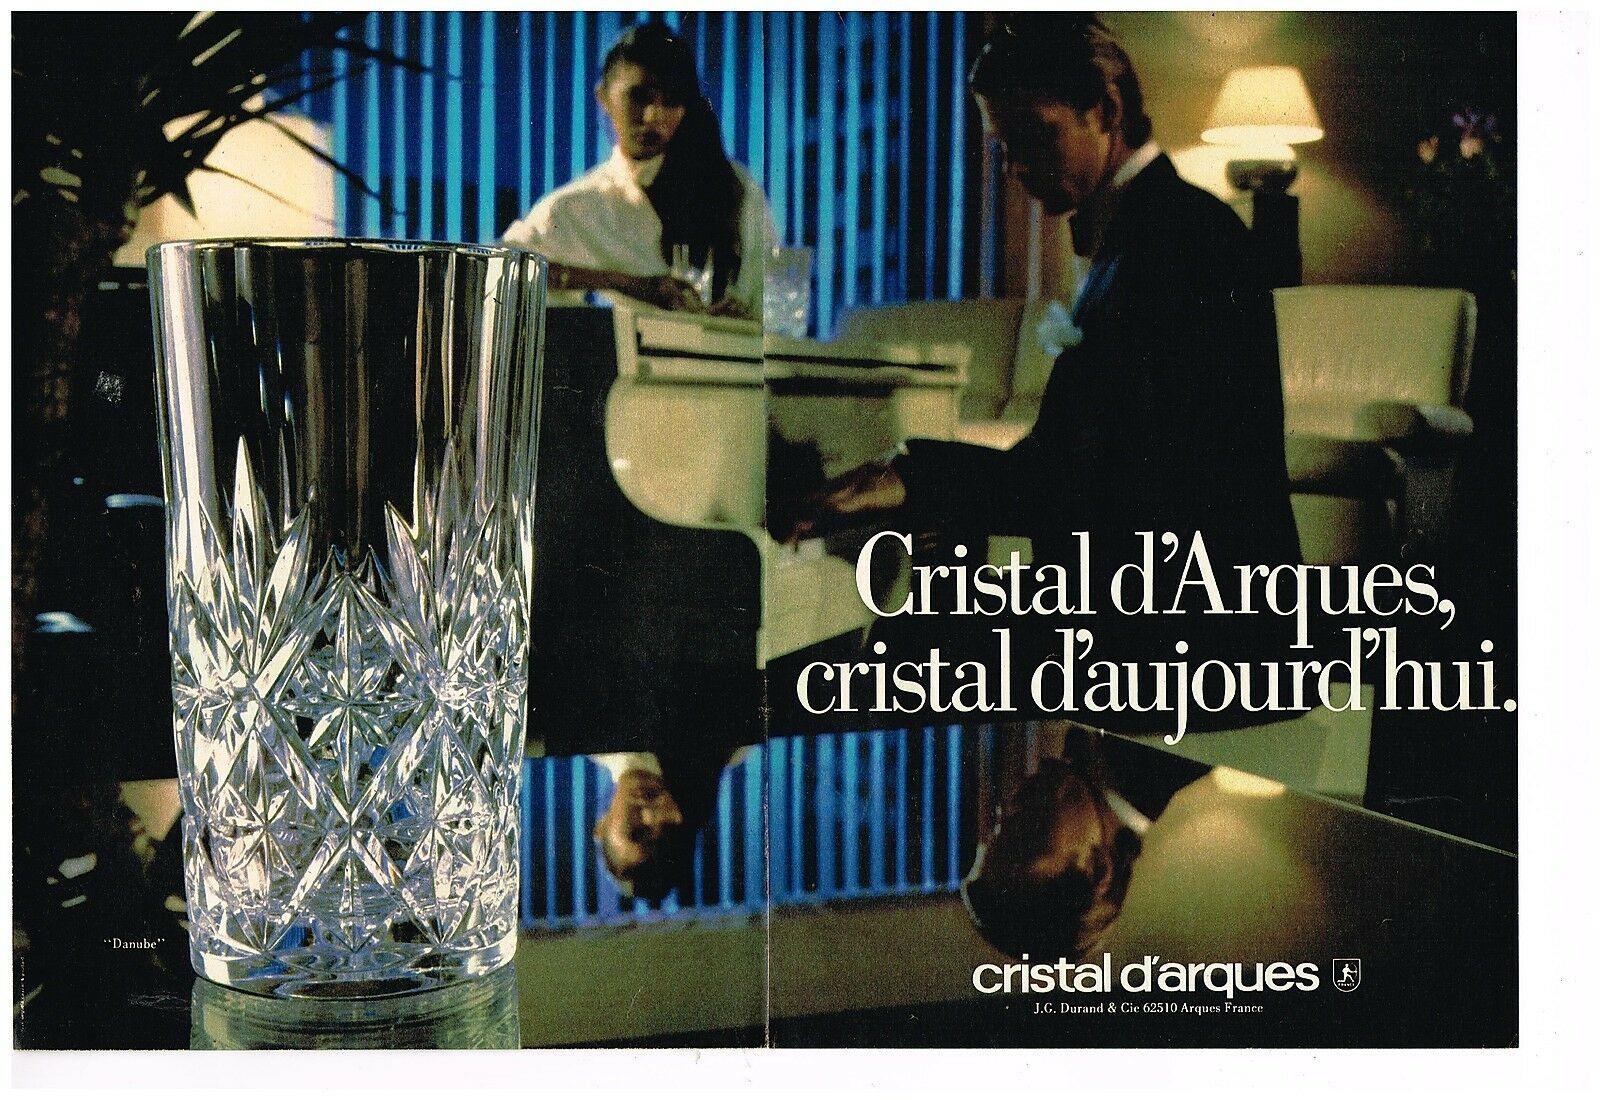 Cristal d'Arques 1984